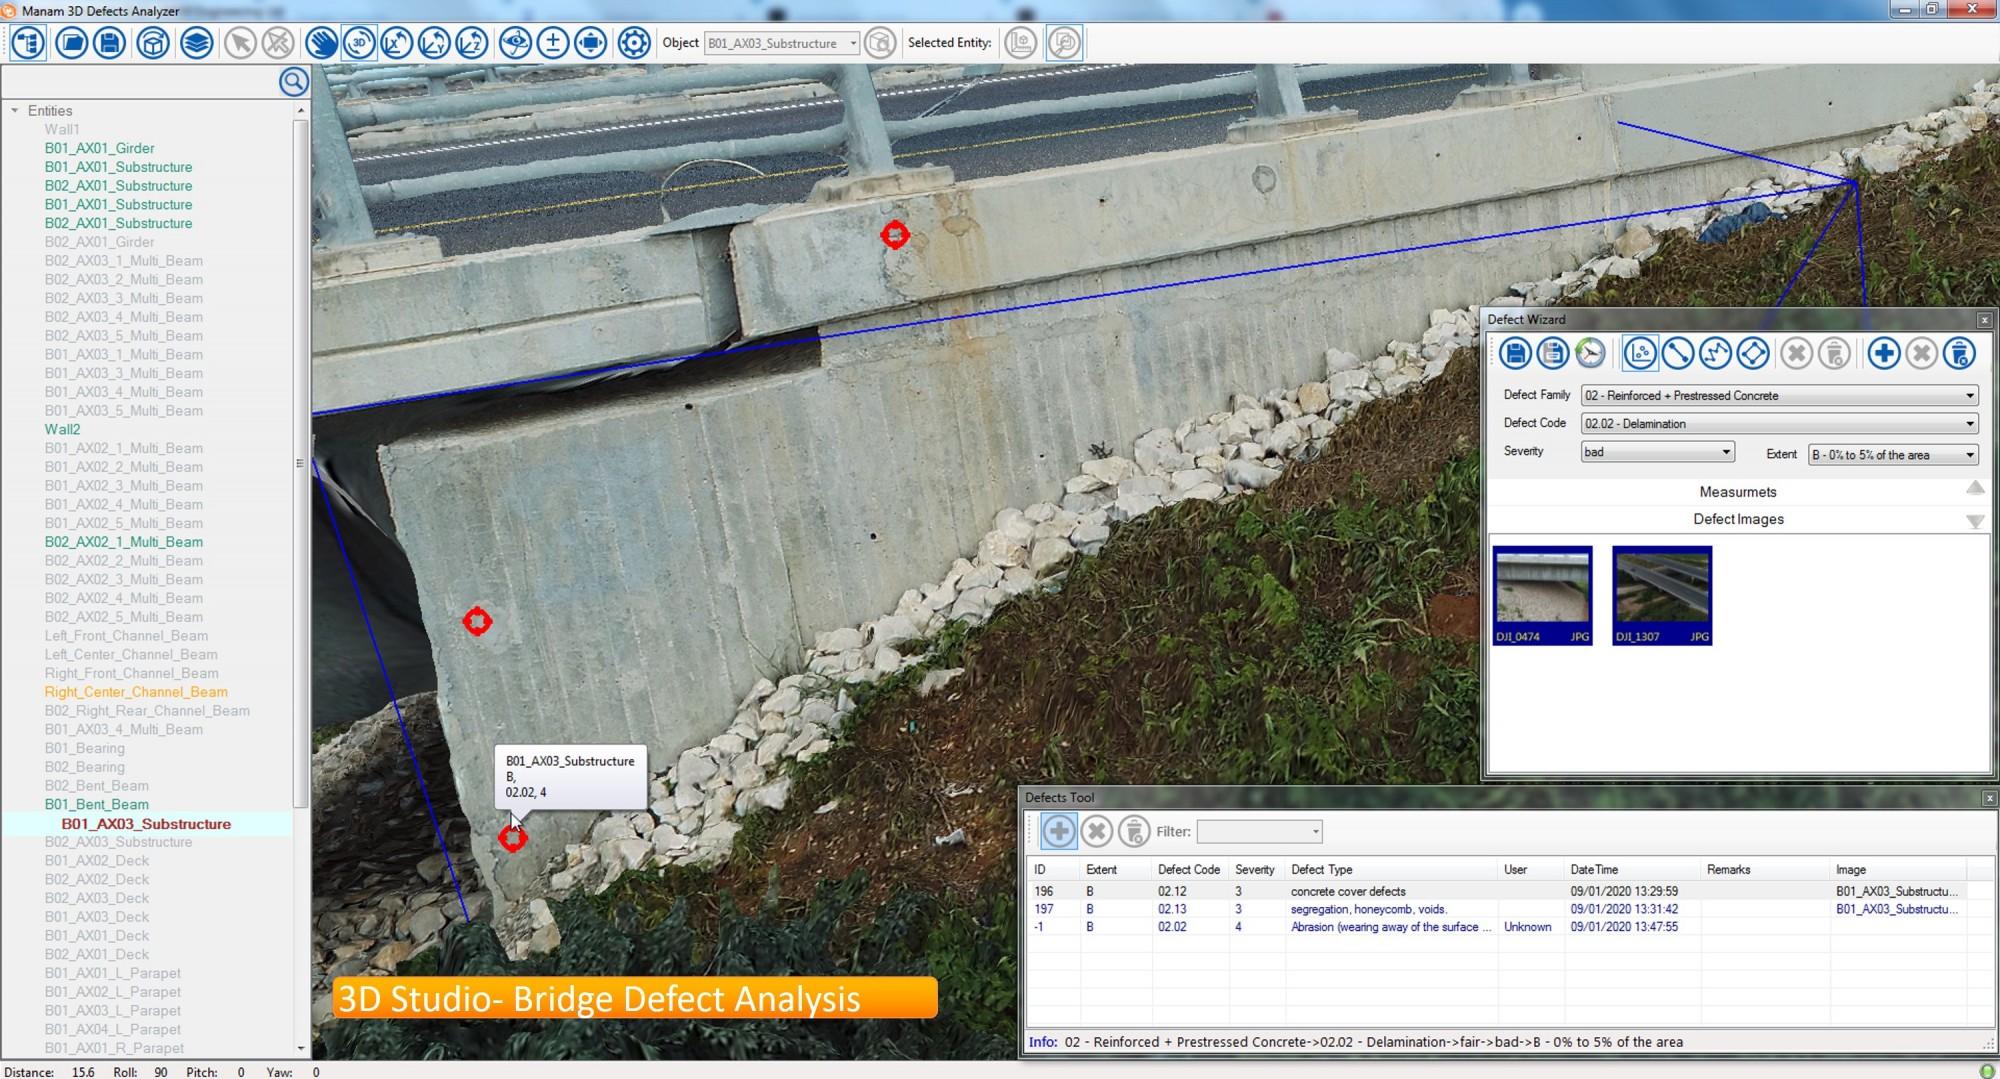 Bridge Defect Analysis